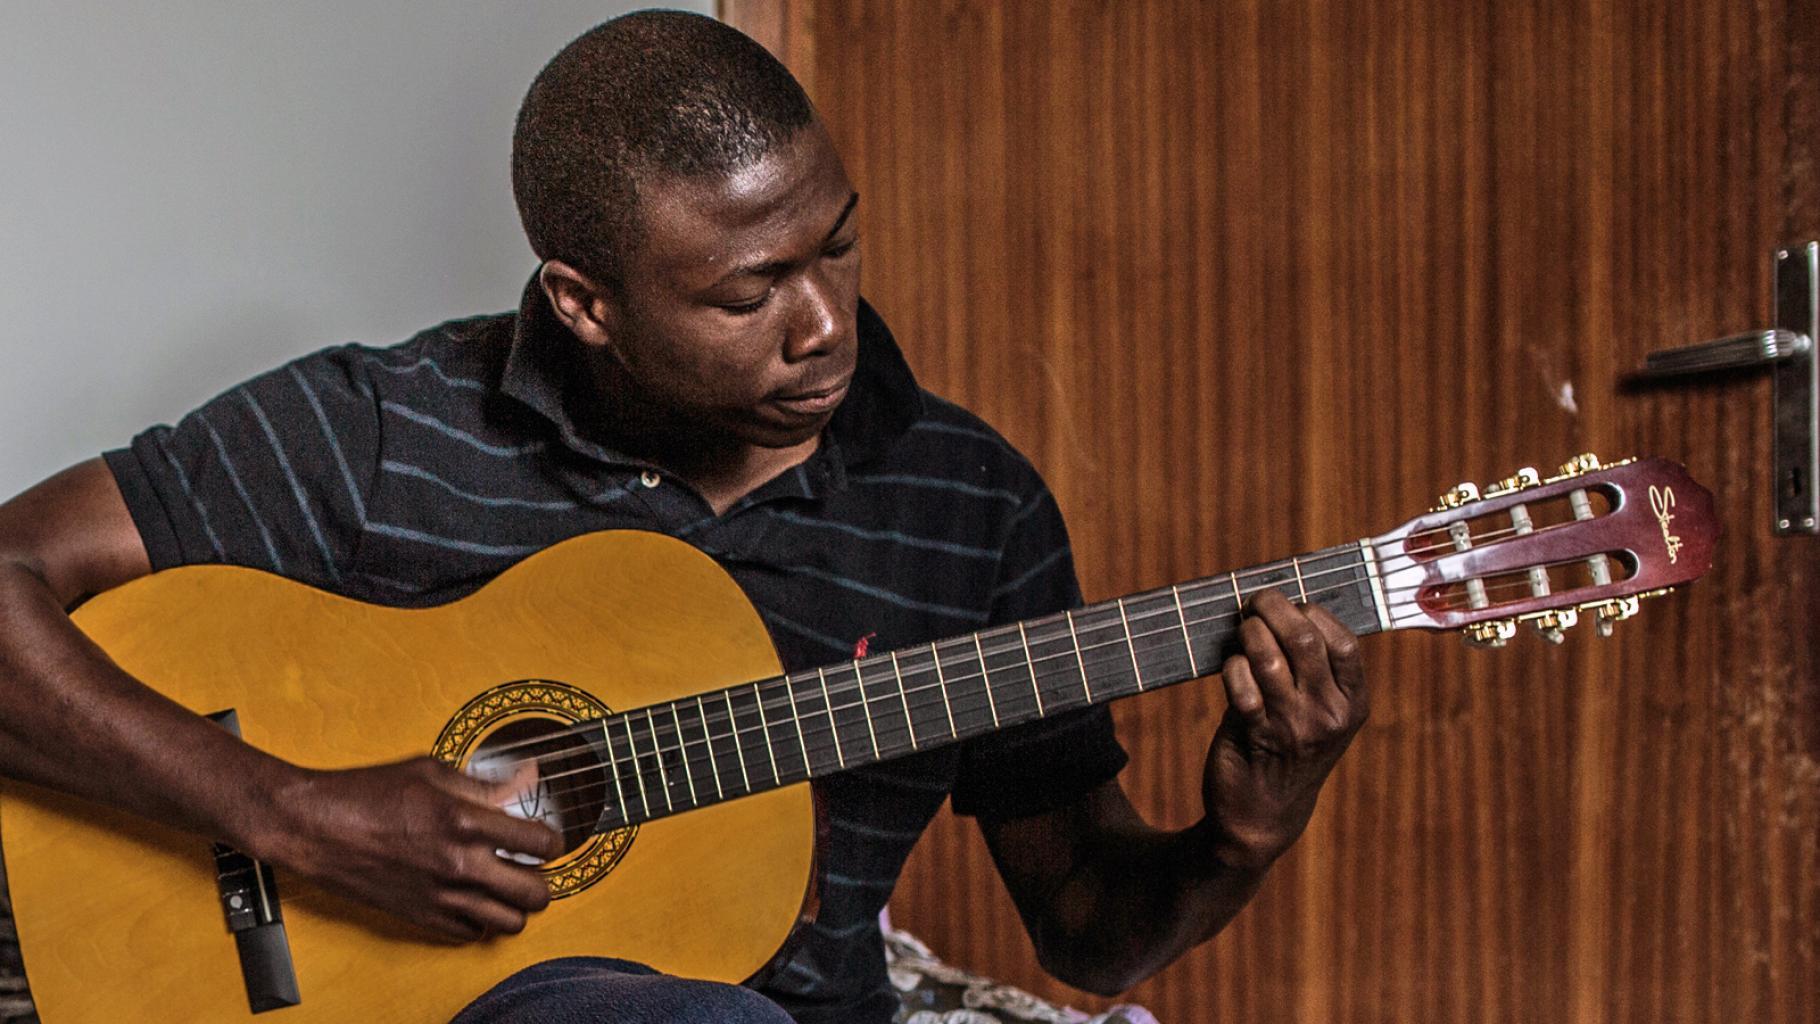 Der nigerianische Flüchtling Peter Okharedia spielt Gitarre